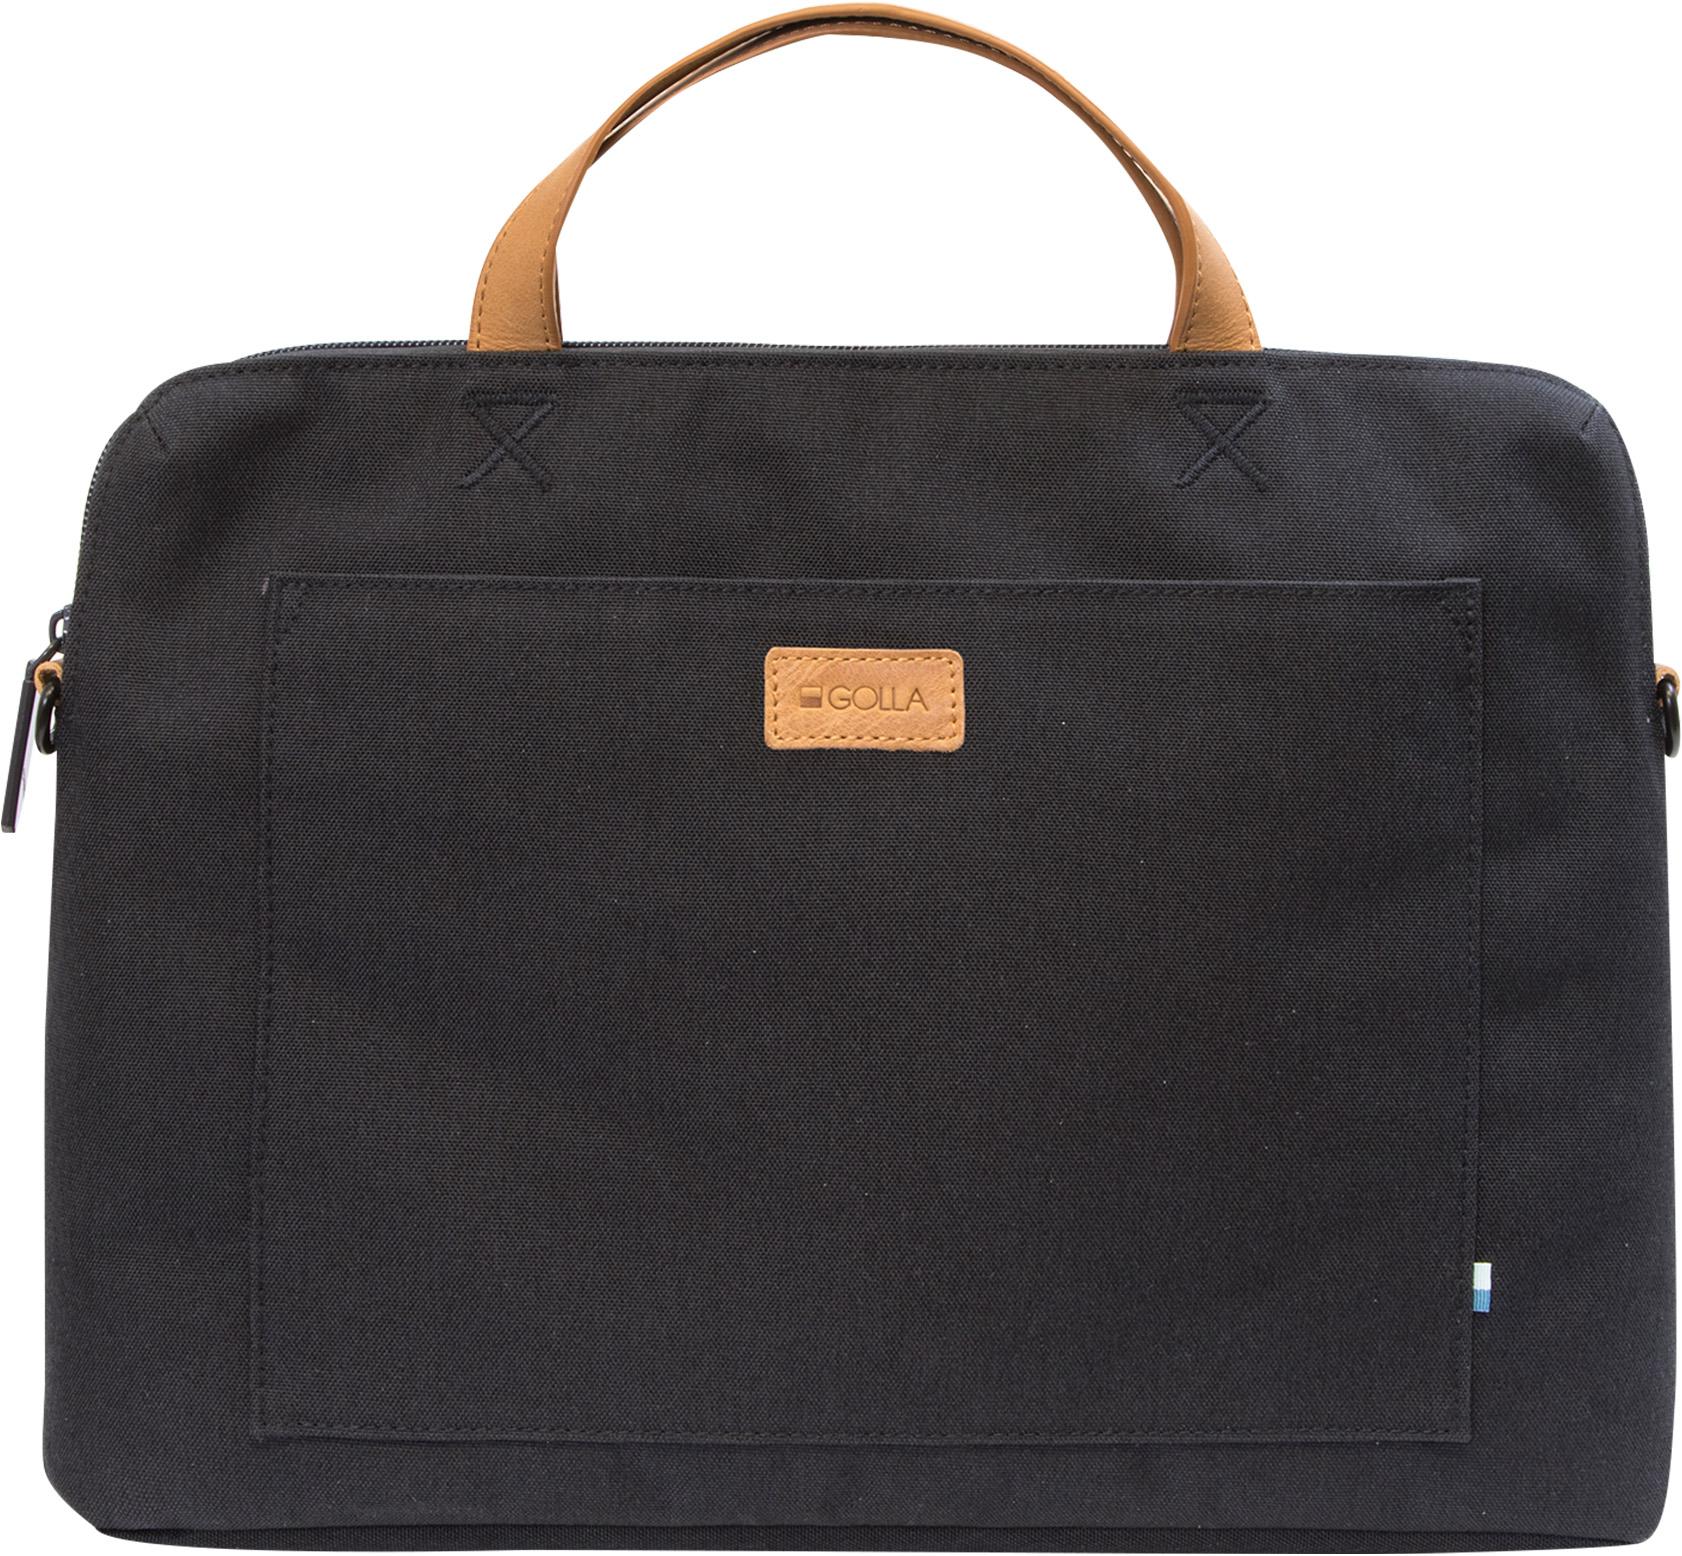 Golla Polaris 14-inch Briefcase (Coal)